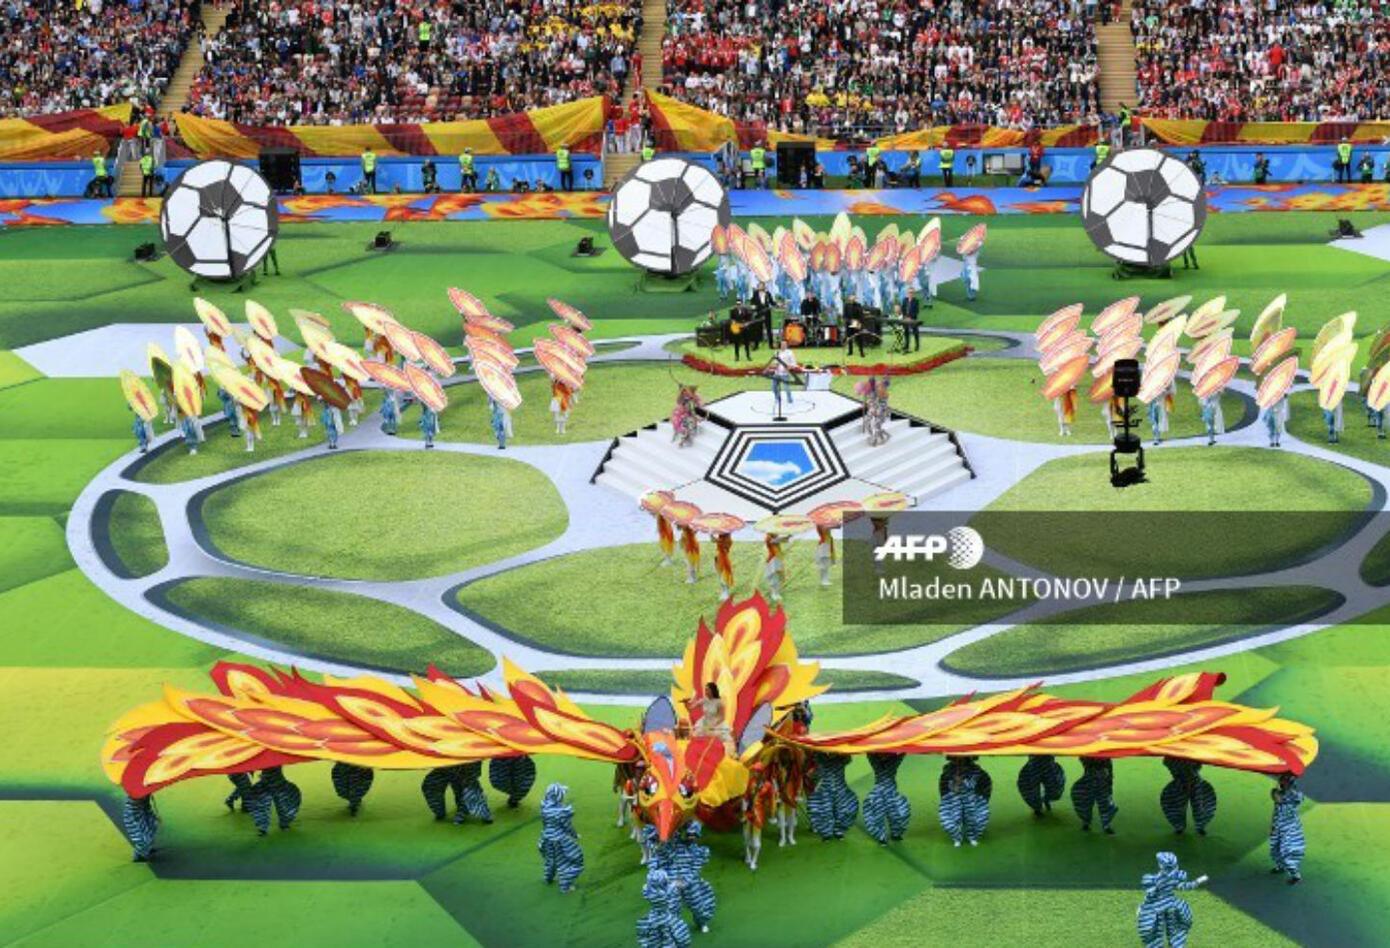 Así fue la inauguración del Mundial de fútbol Rusia 2018.